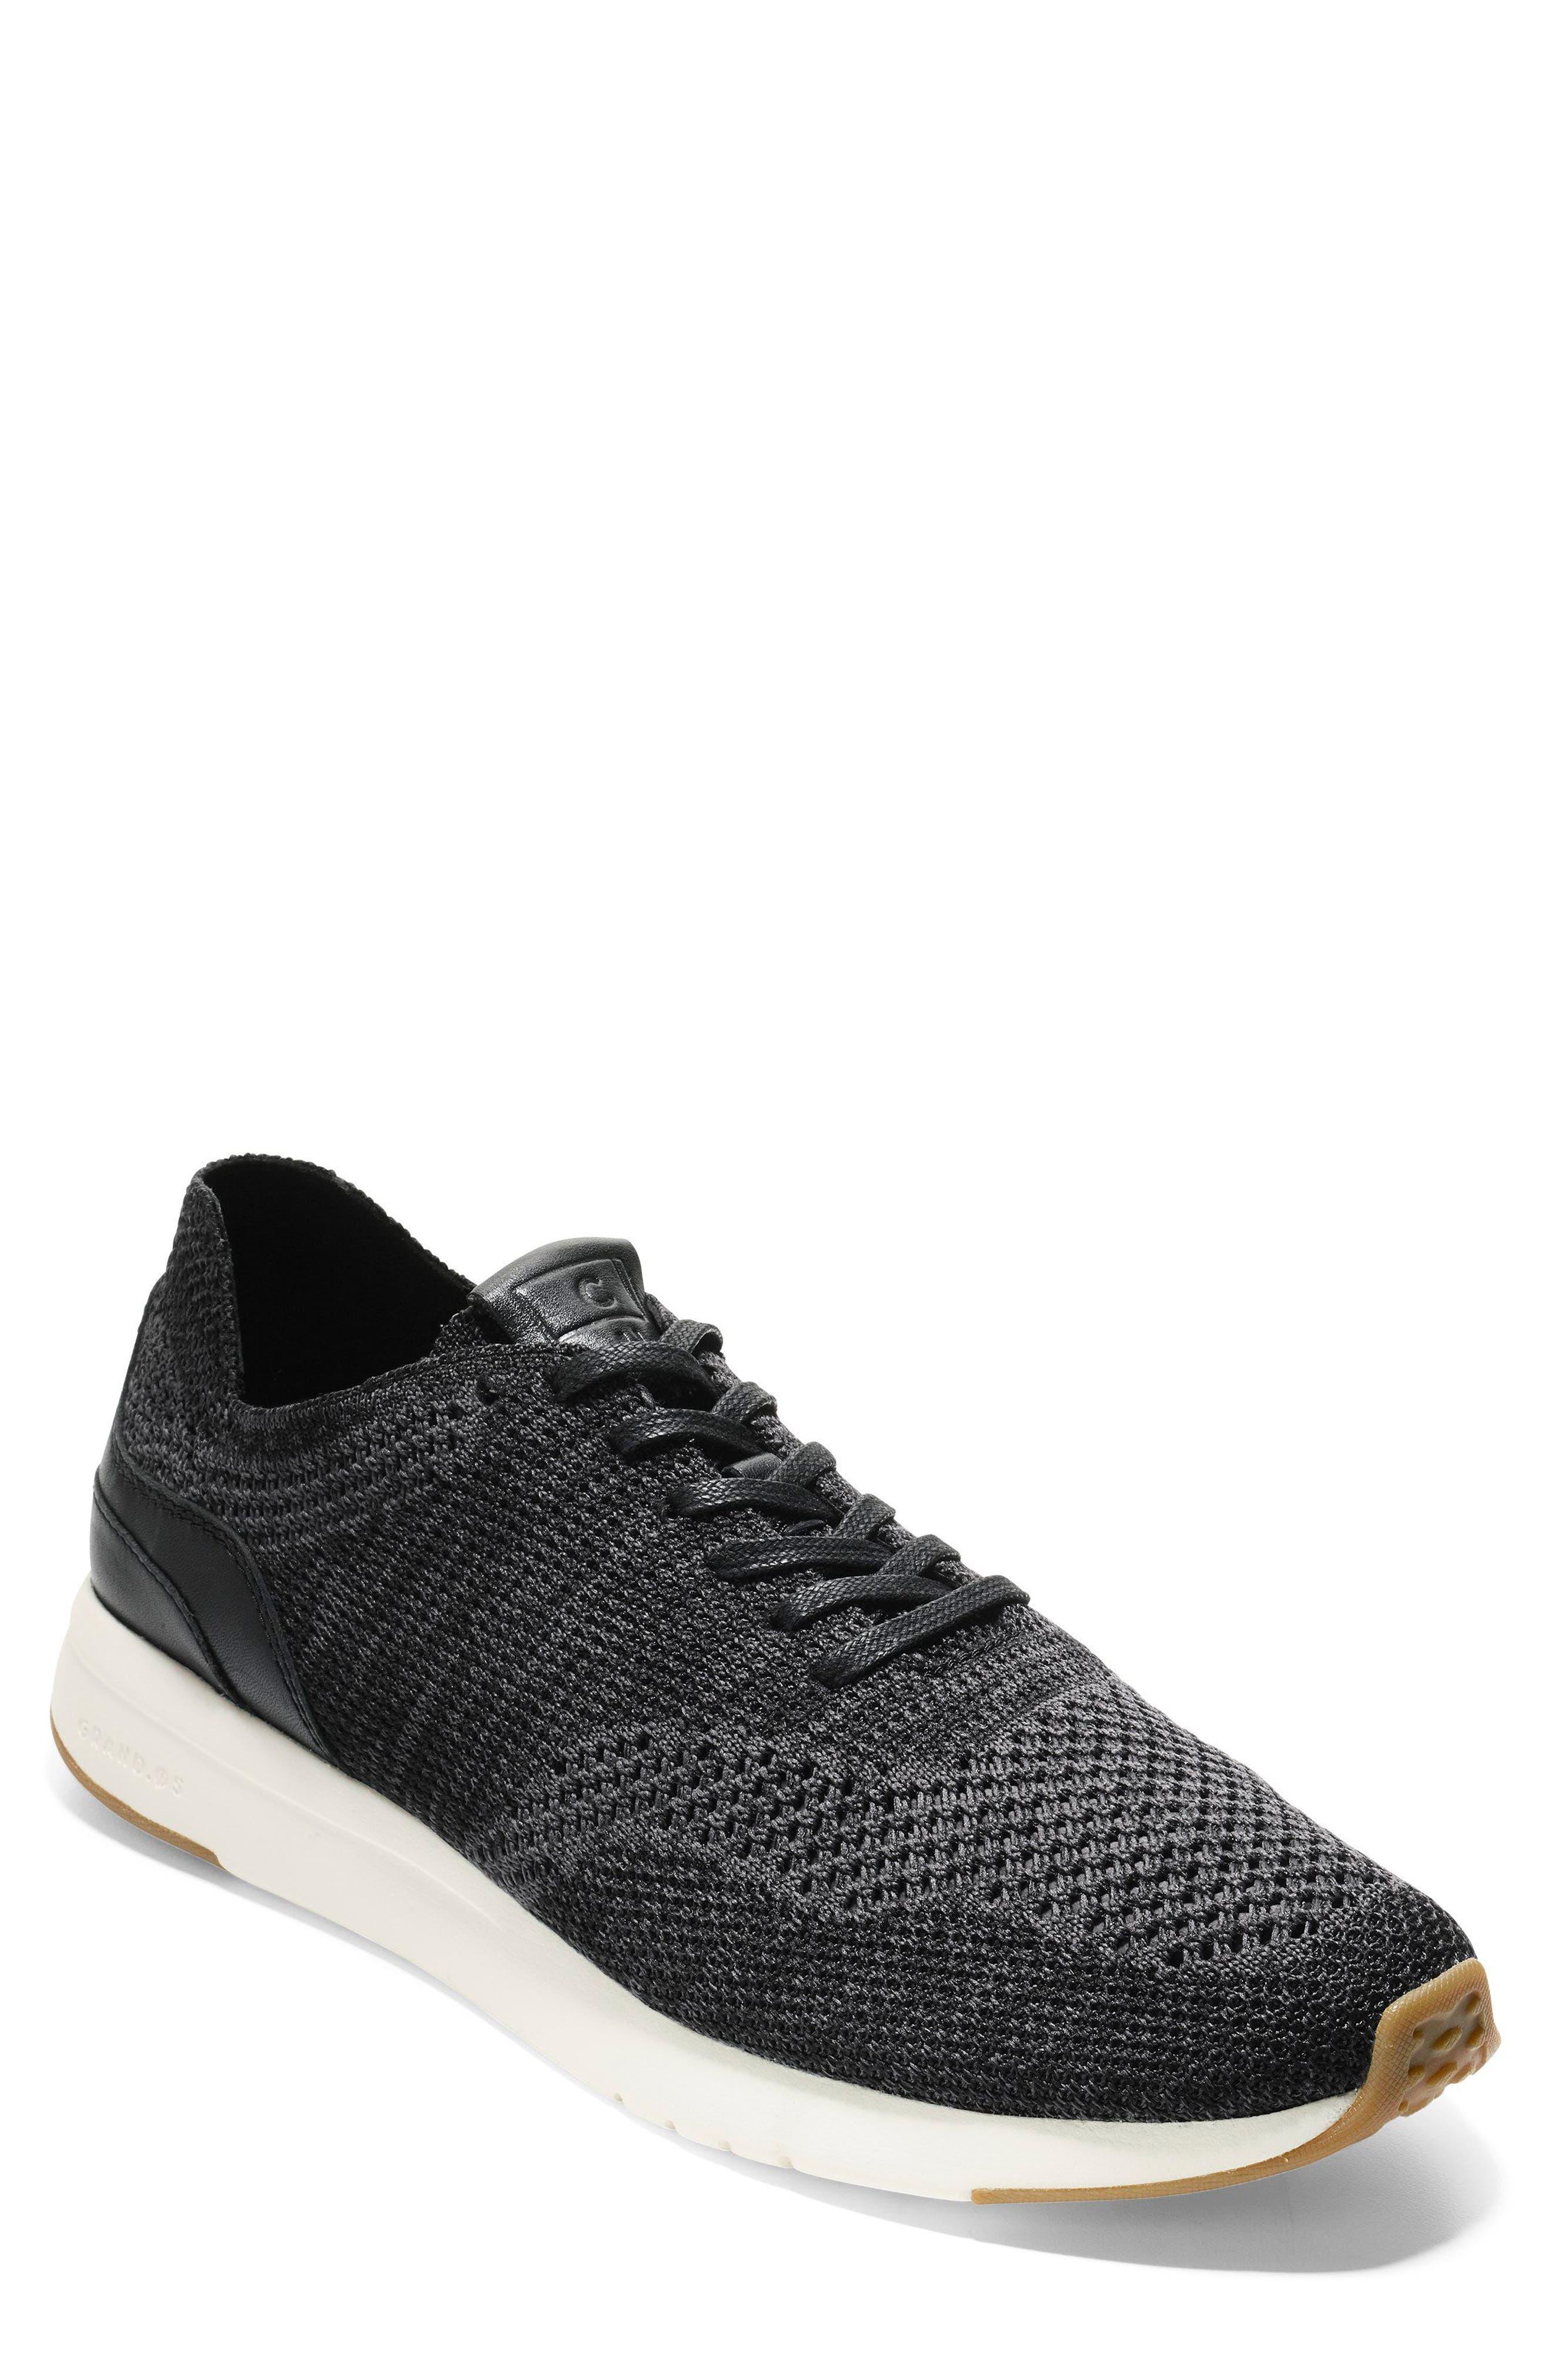 GrandPro Runner Stitchlite Sneaker,                             Main thumbnail 1, color,                             Black / Magnet